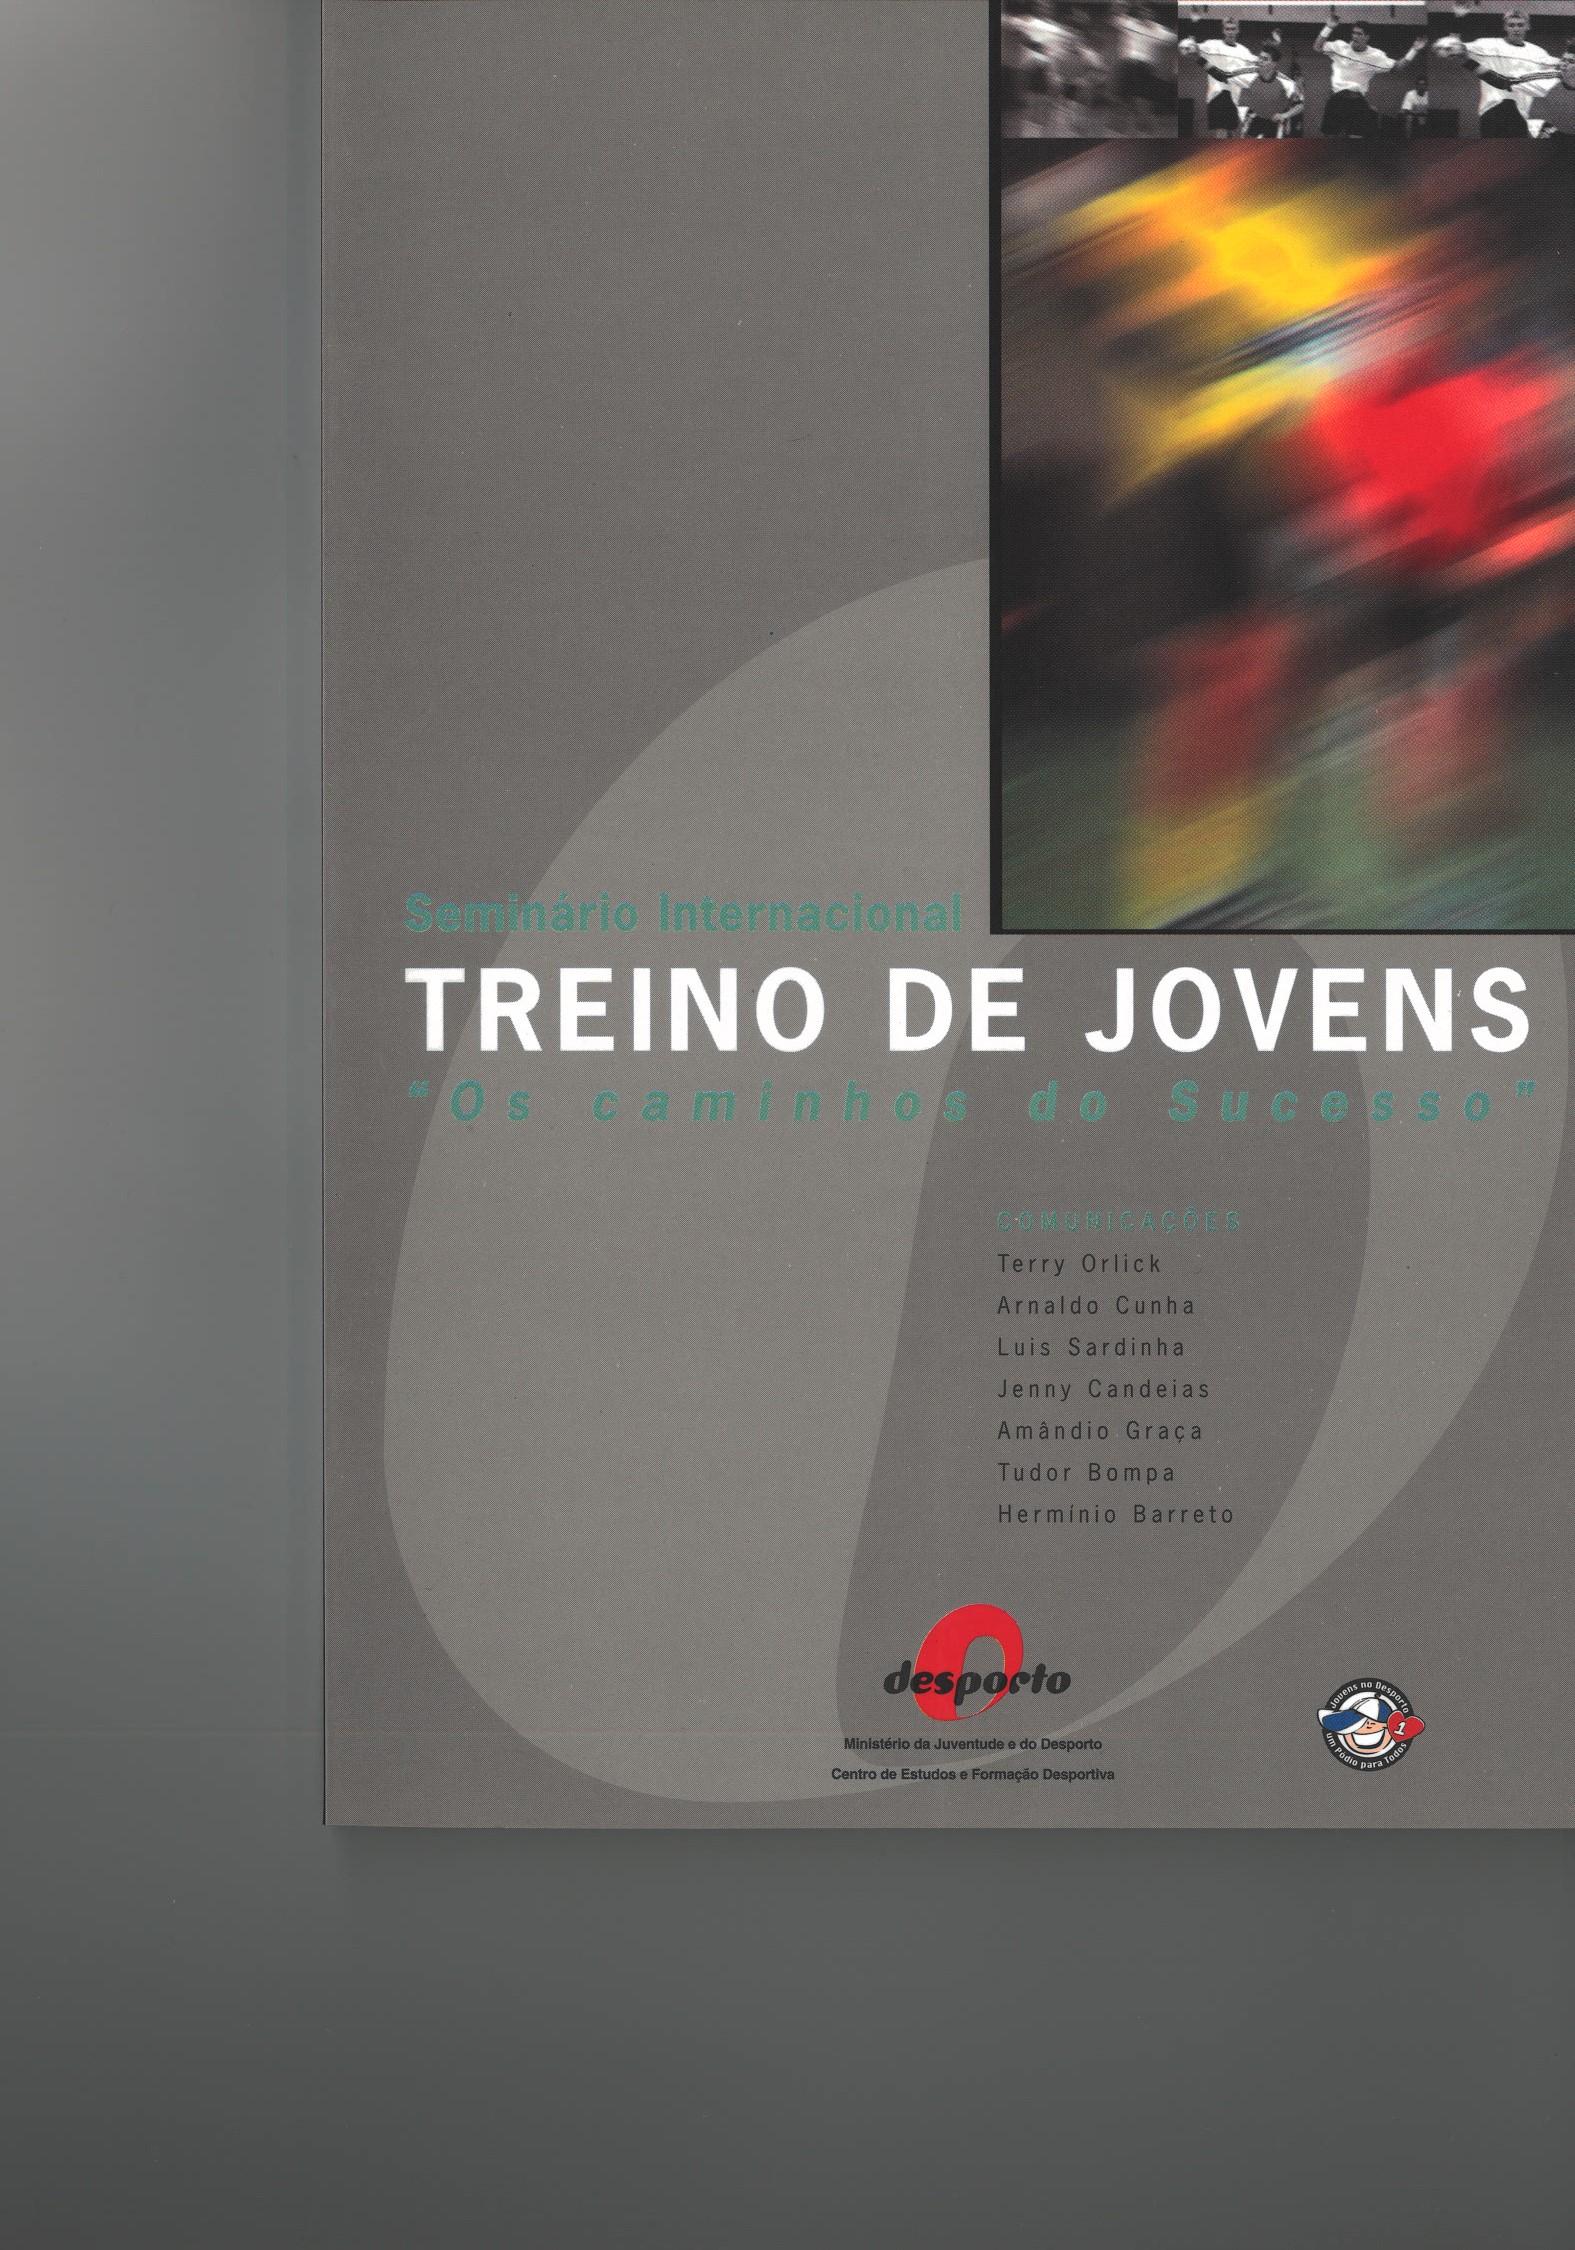 """Seminário Internacional - Treino de jovens """"Os caminhos do sucesso"""" (Lisboa, Novembro, 1999)"""